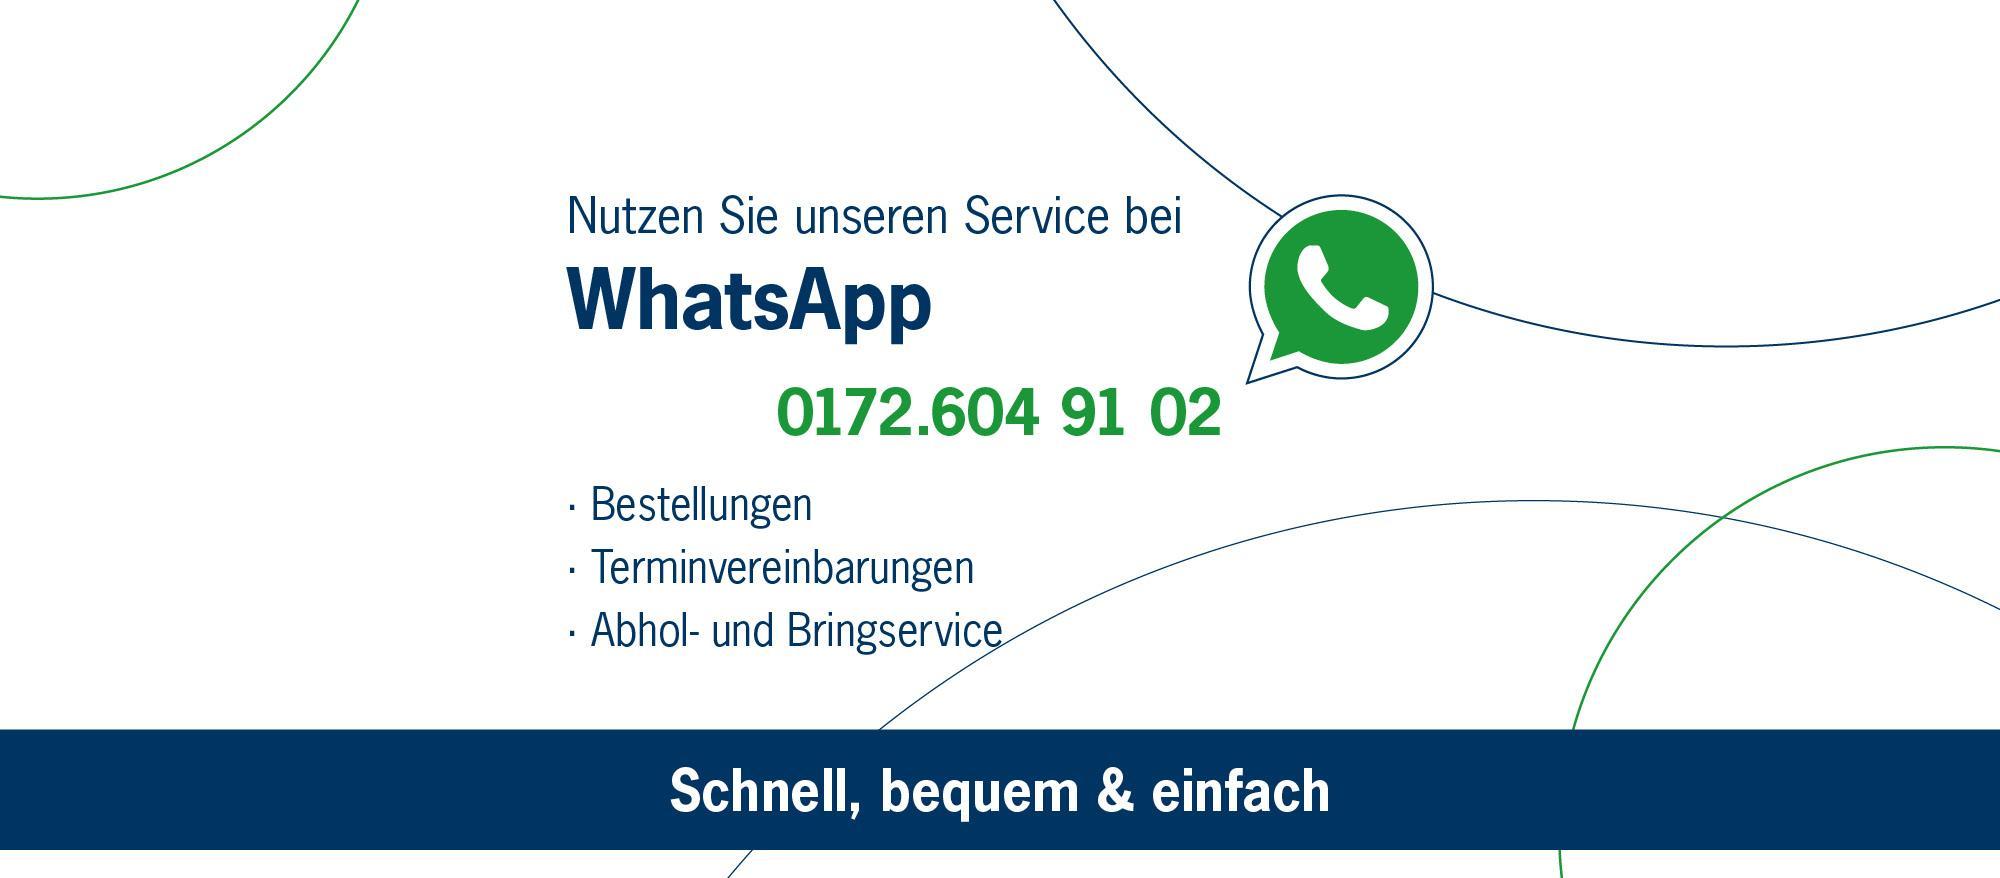 BRUNS_Slider_2000x878_WhatsApp_NEU